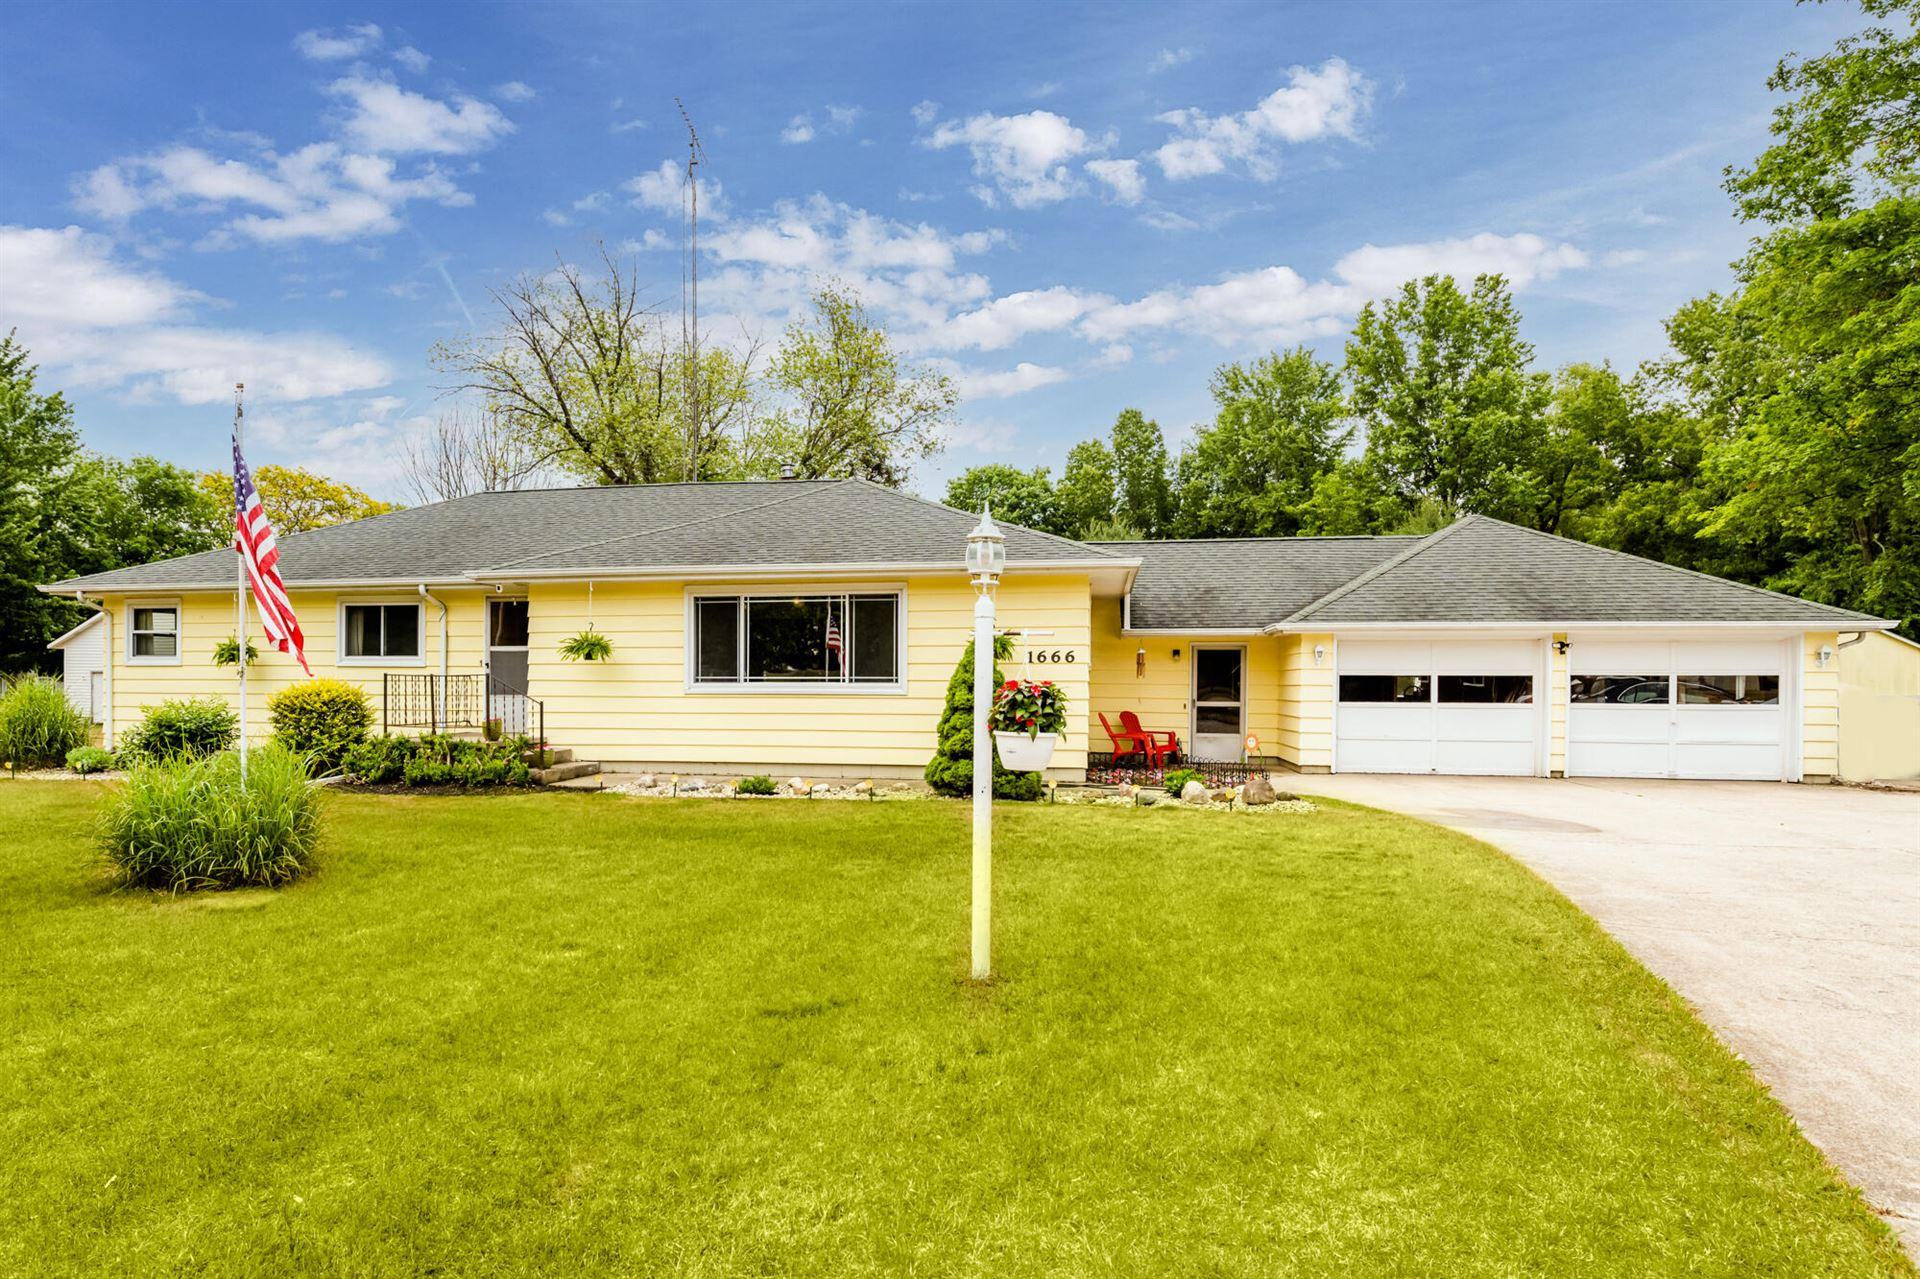 1666 Maple Lane, Benton Harbor, MI 49022 - MLS#: 21023563